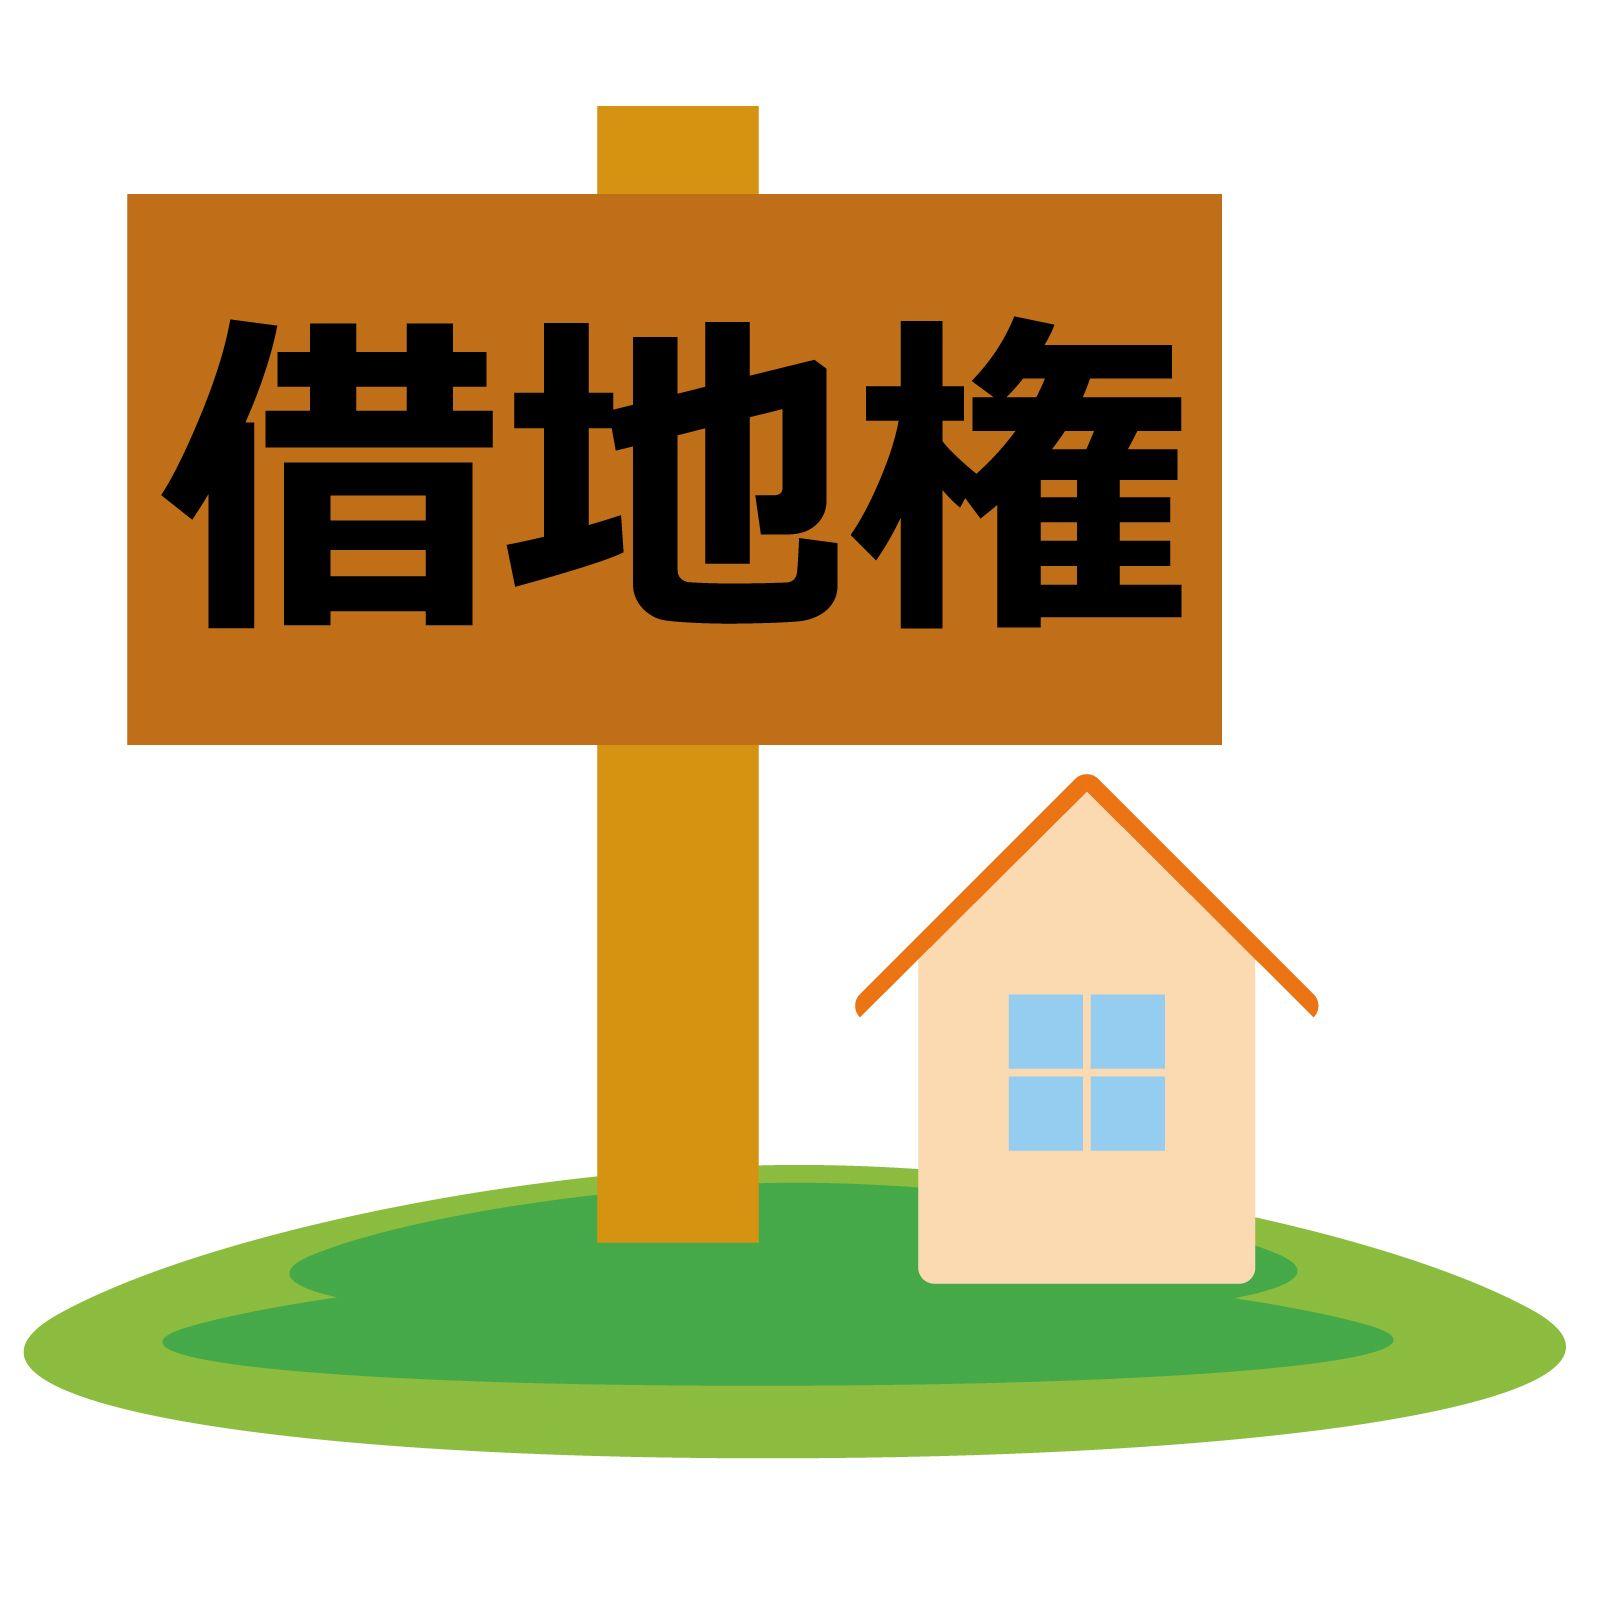 借地権売却の成功の重要ポイント